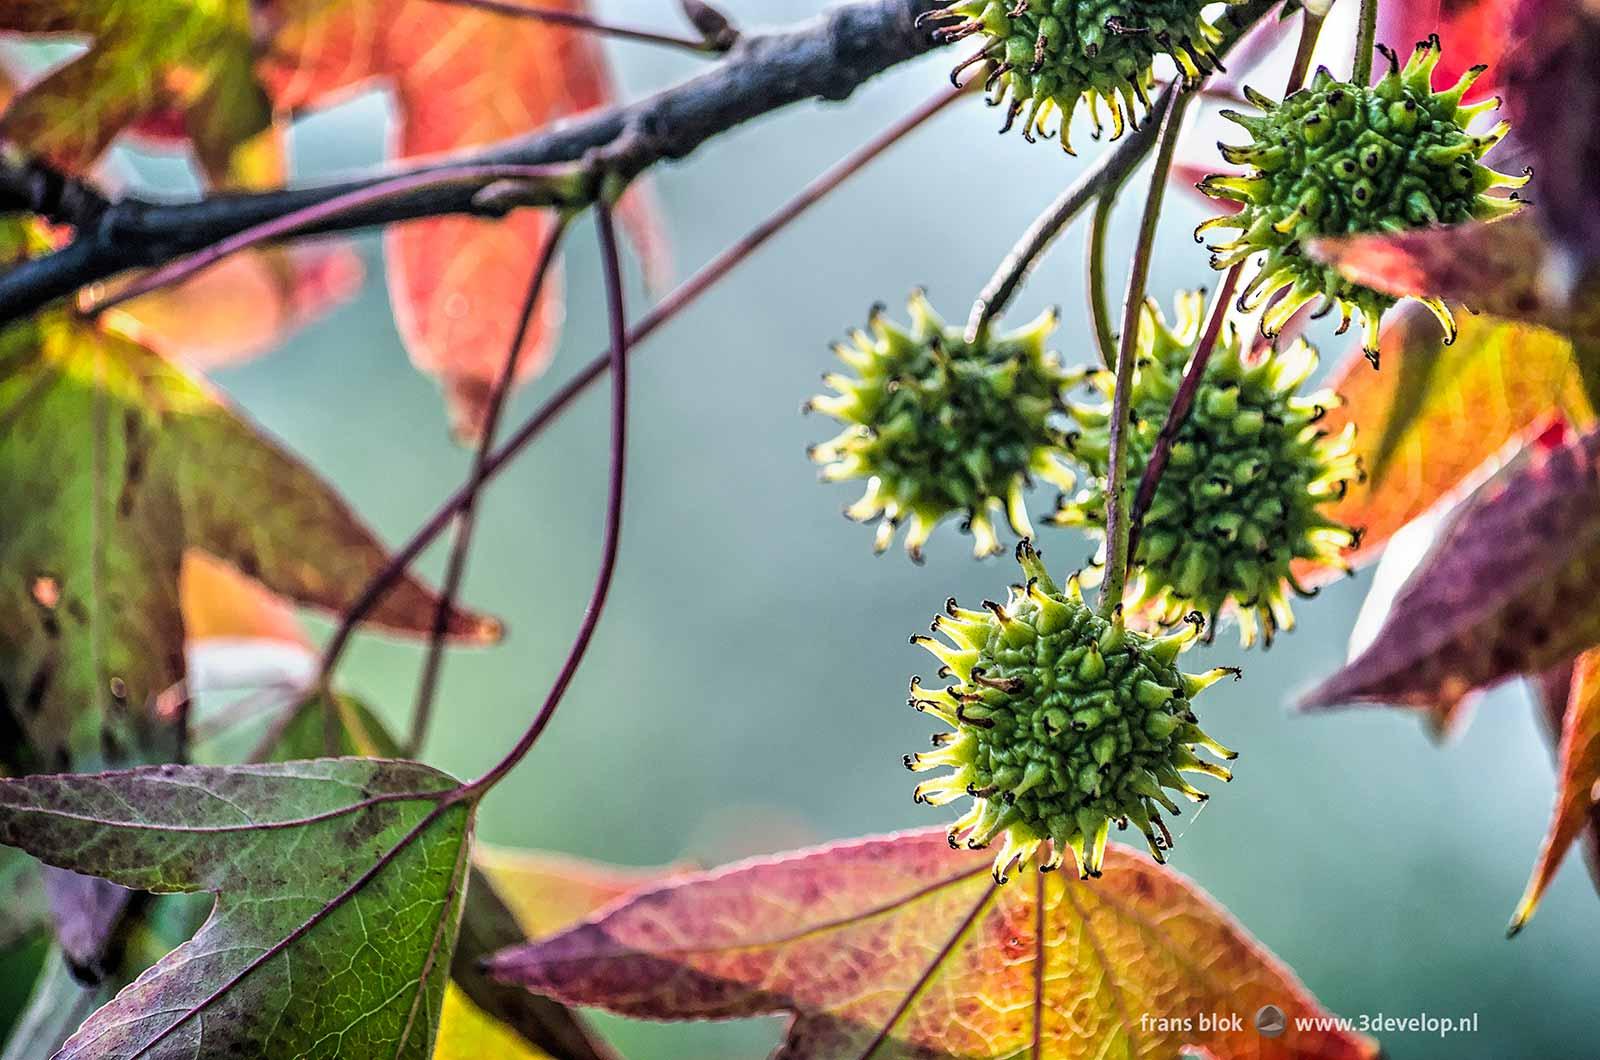 Close-up van de stekelige groene vruchtbolletjes van de amberboom (liquidambar styraciflua) in de herfst